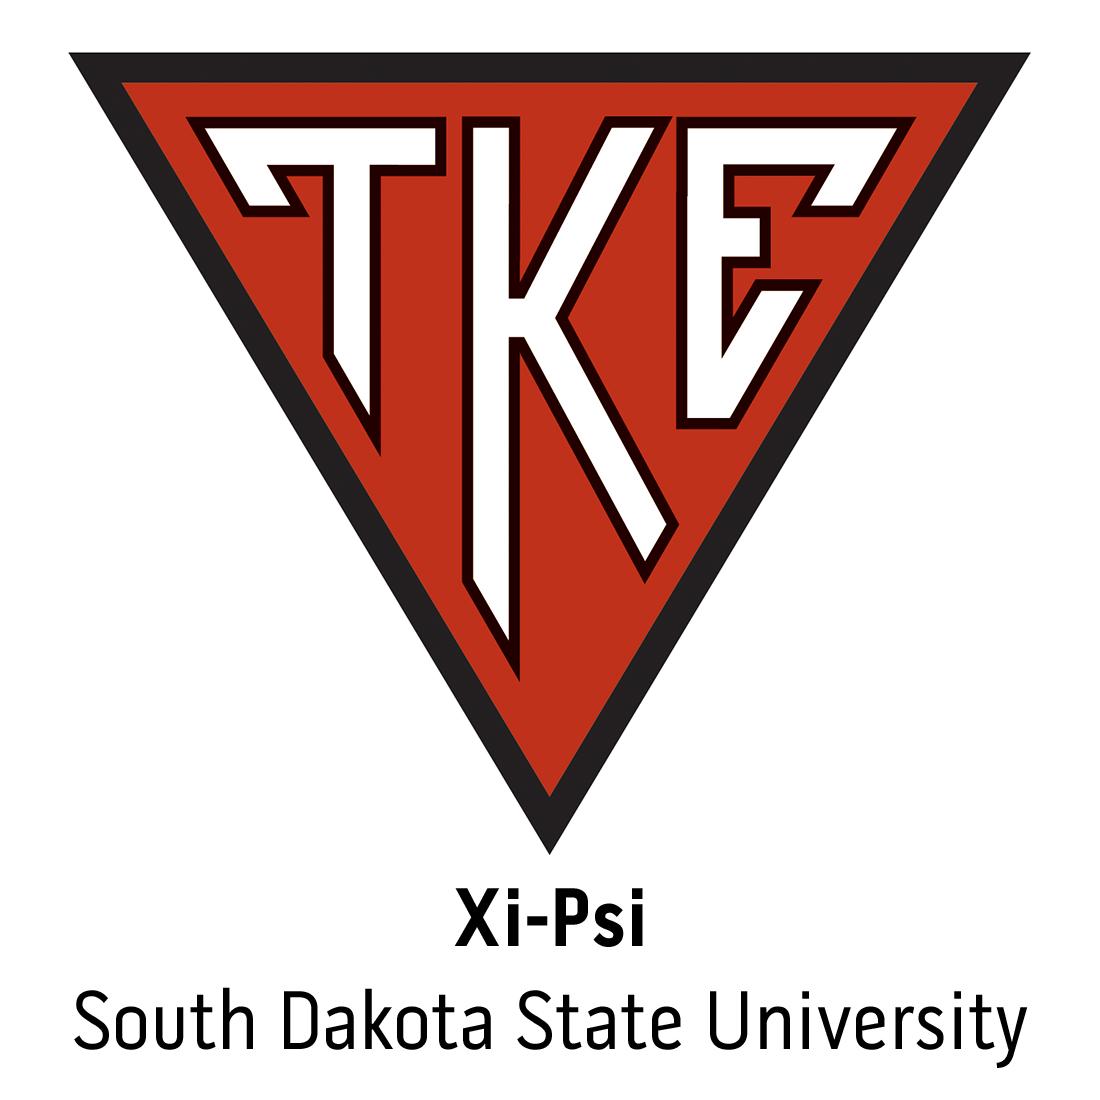 Xi-Psi Chapter at South Dakota State University